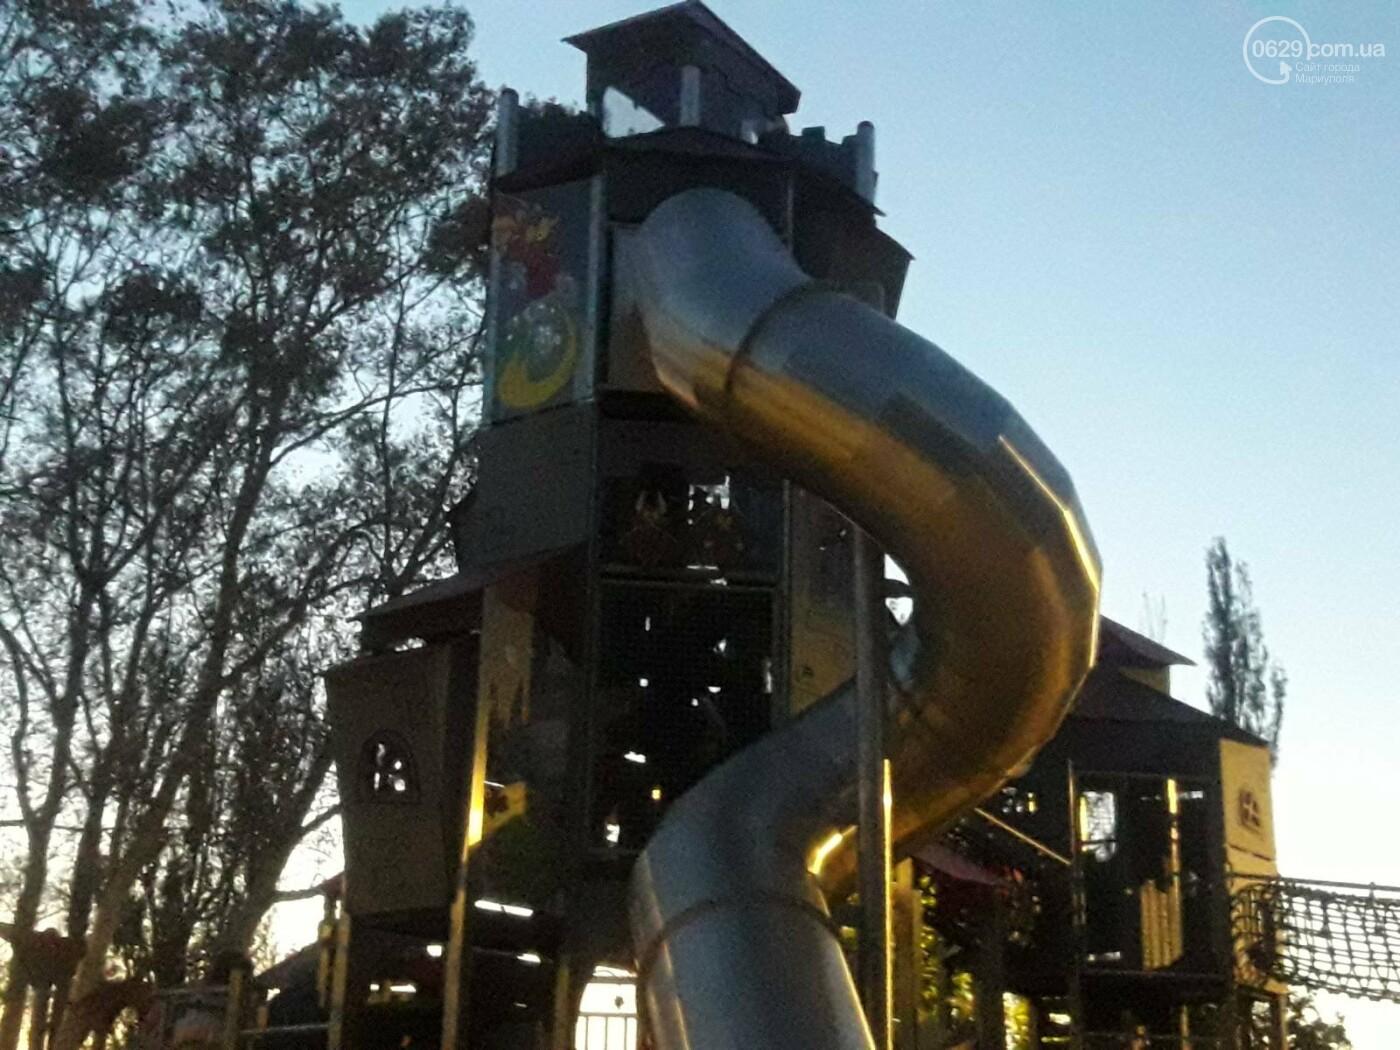 В Мариуполе в парке Гурова на детской площадке травмировался ребенок, - ФОТО, фото-9